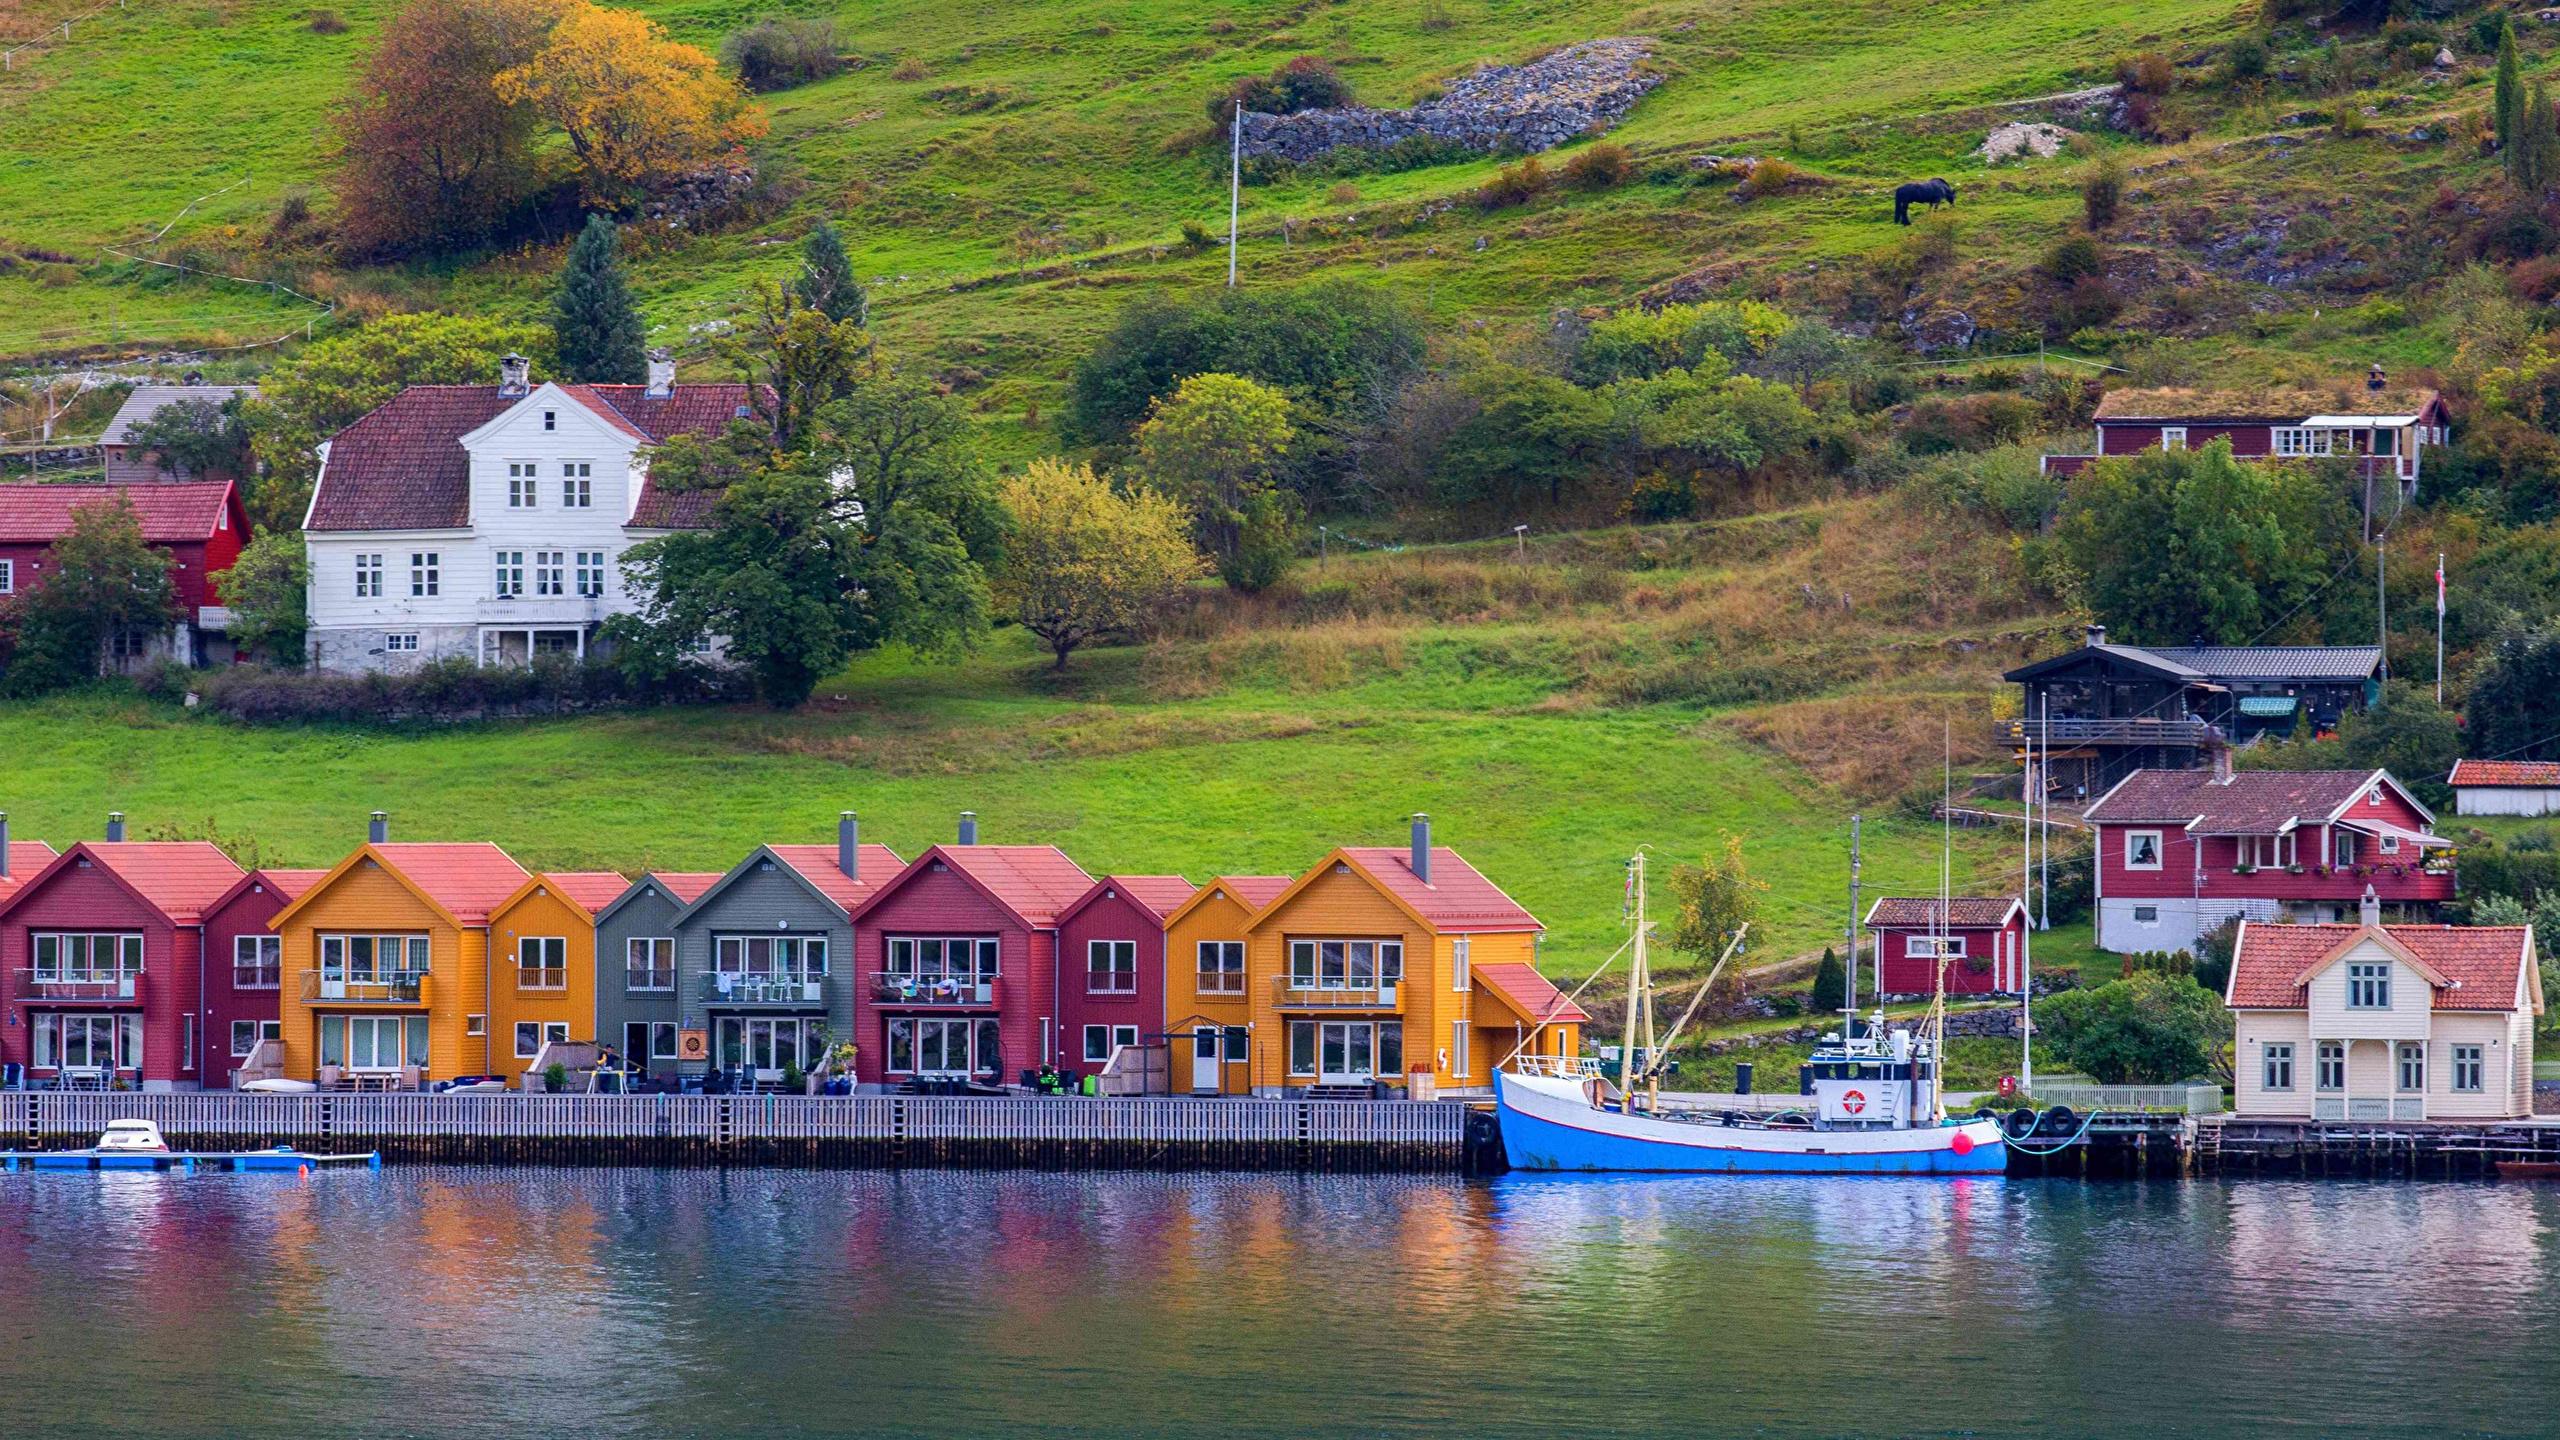 2560x1440 Noruega Casa Atracadouros Port de Kaupanger Baía Edifício, Píer Cidades